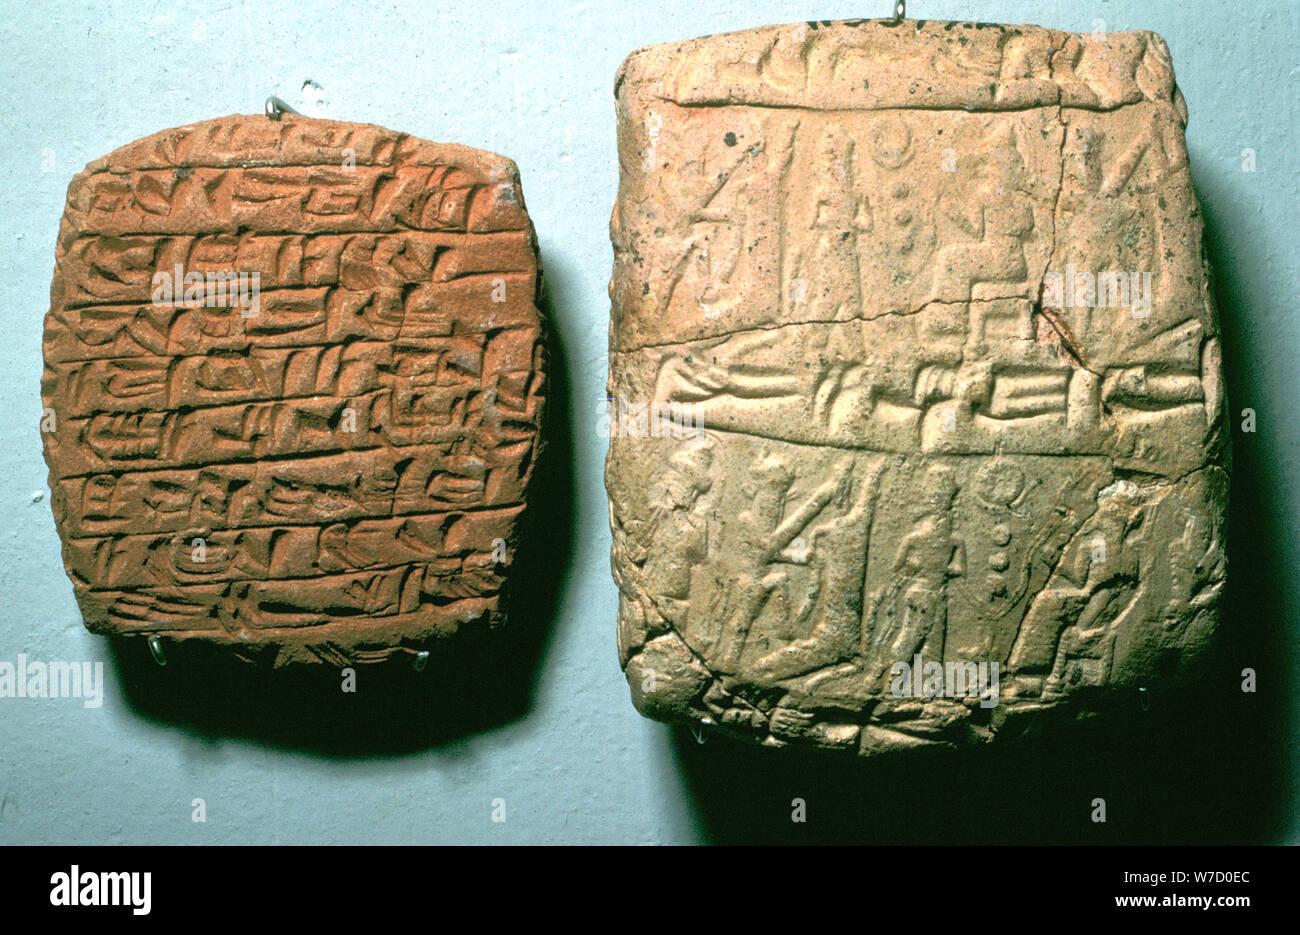 Clay Tablet hitita y envolvente, Kul-Tepe, c1900 de BC. Artista: Desconocido Foto de stock